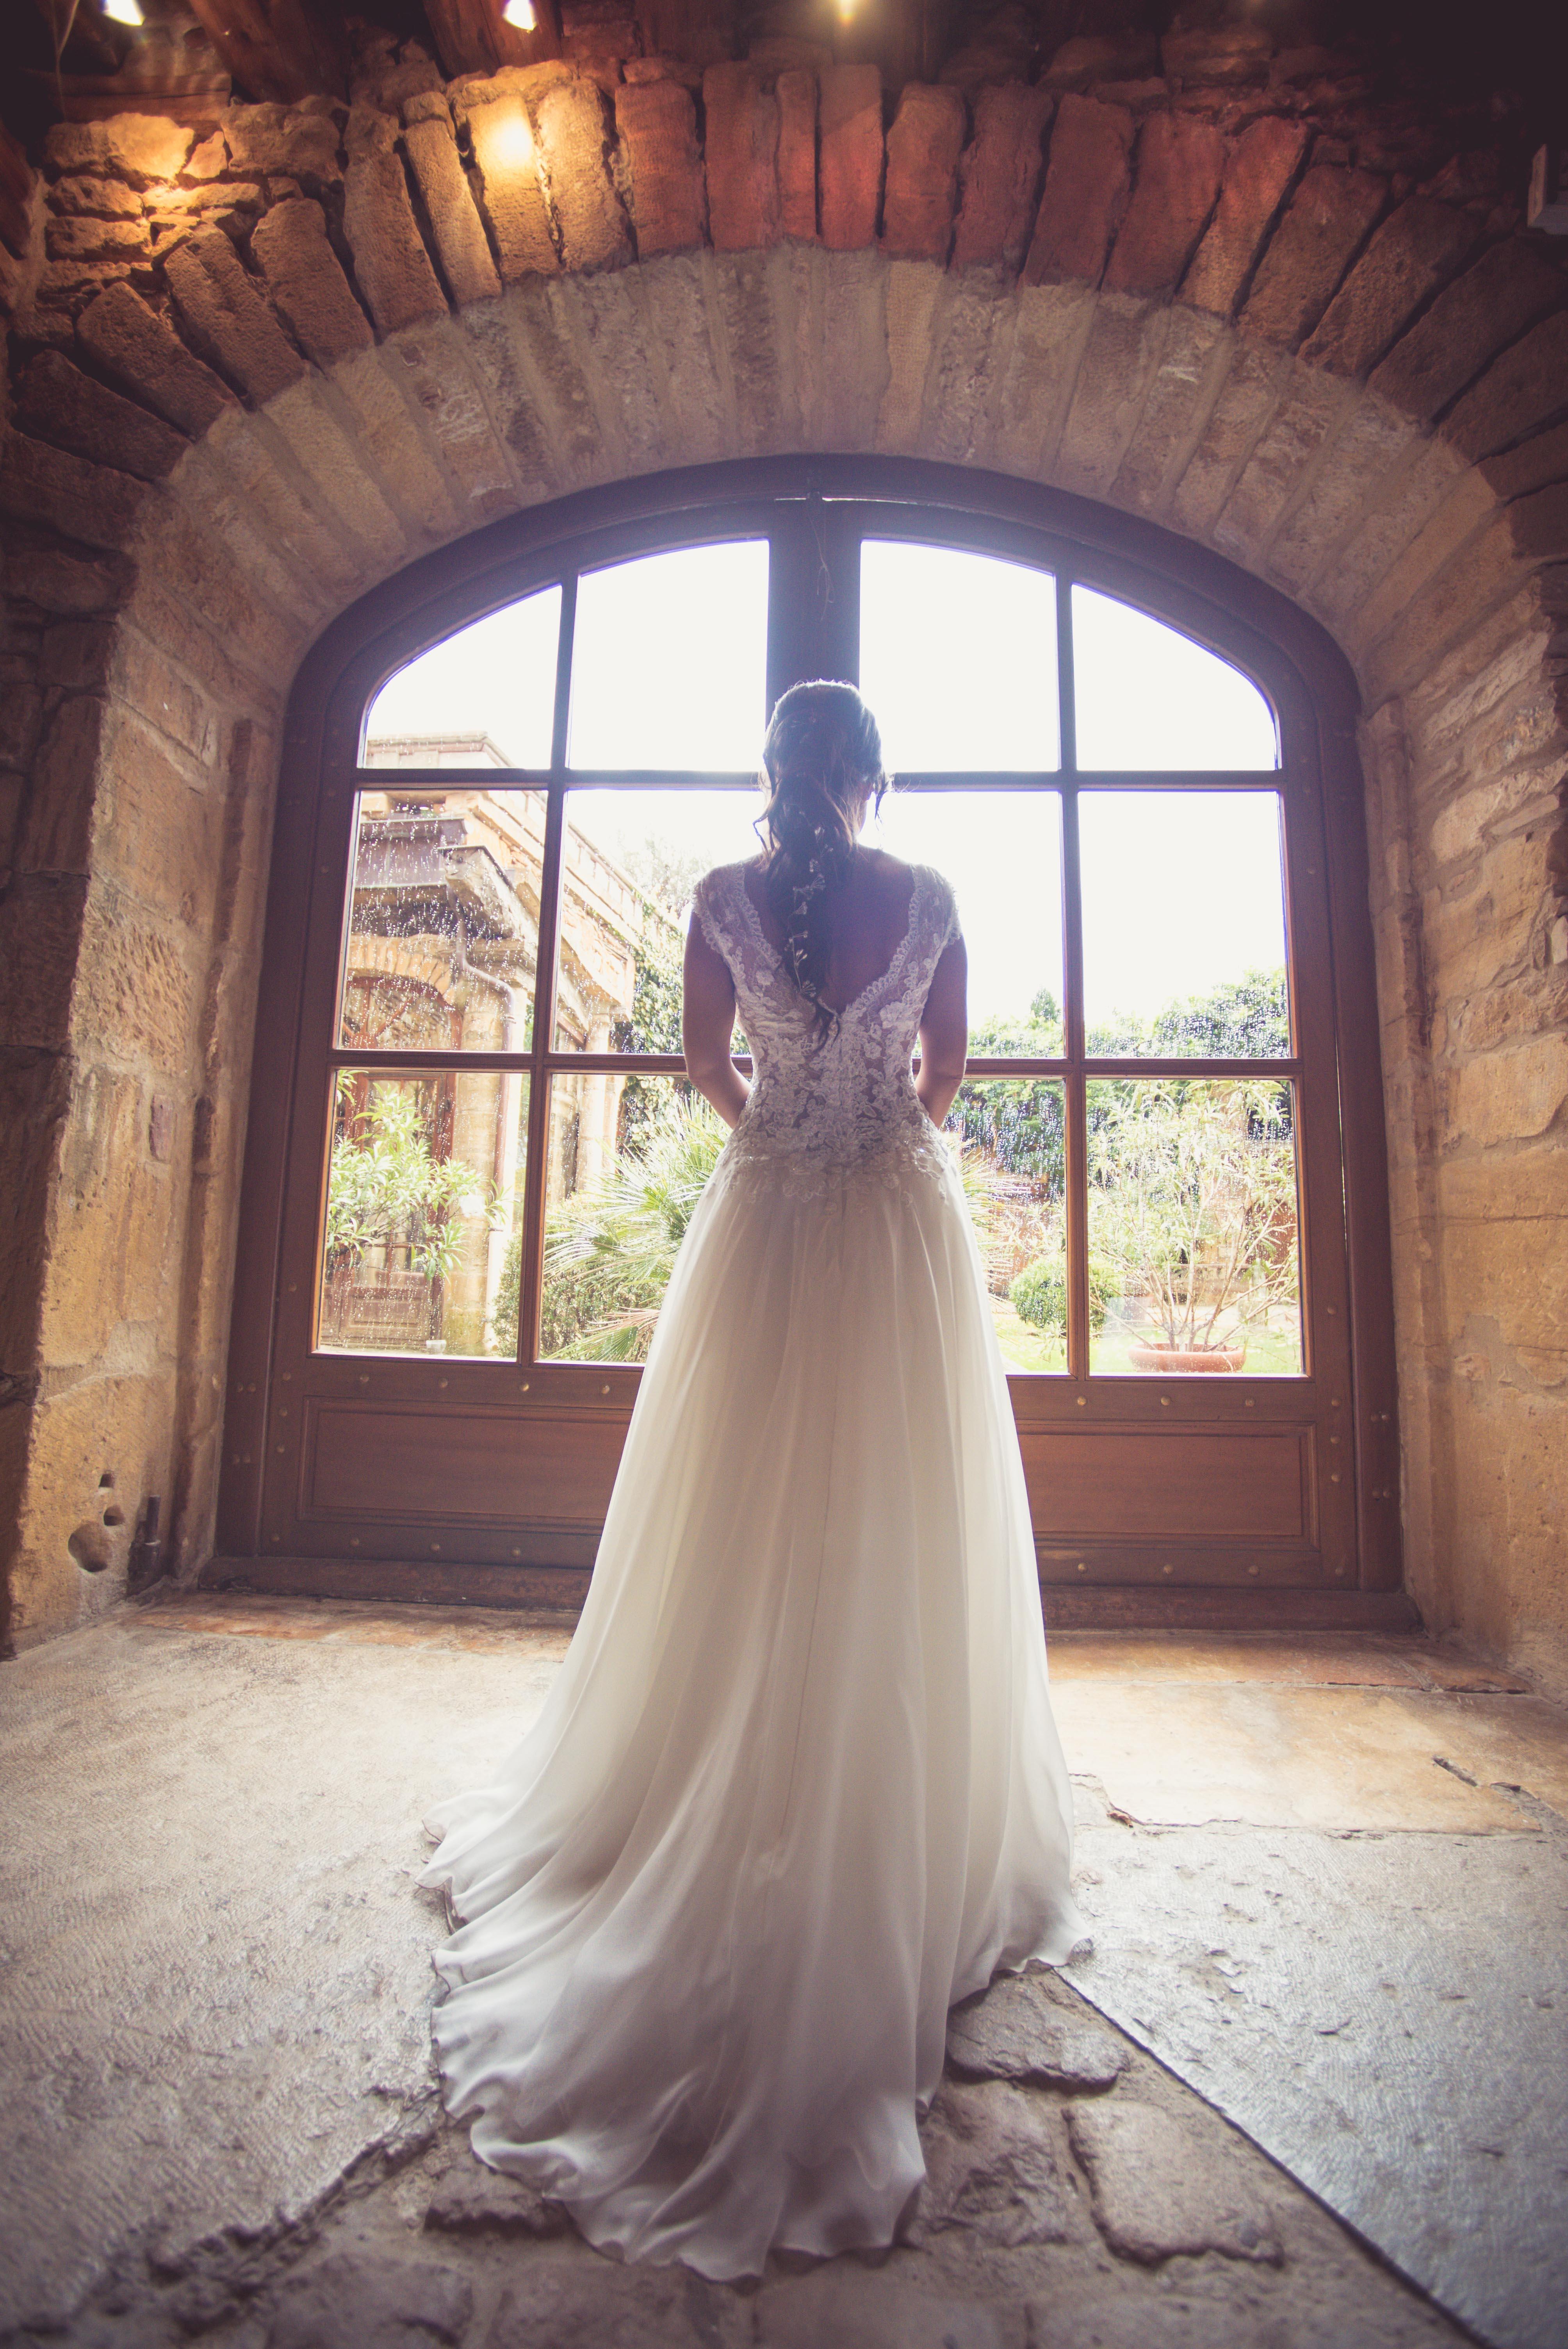 décoration de mariage orange - la mariée - robe de mariée - dos robe de mariée - tresse lache - coiffure de mariée